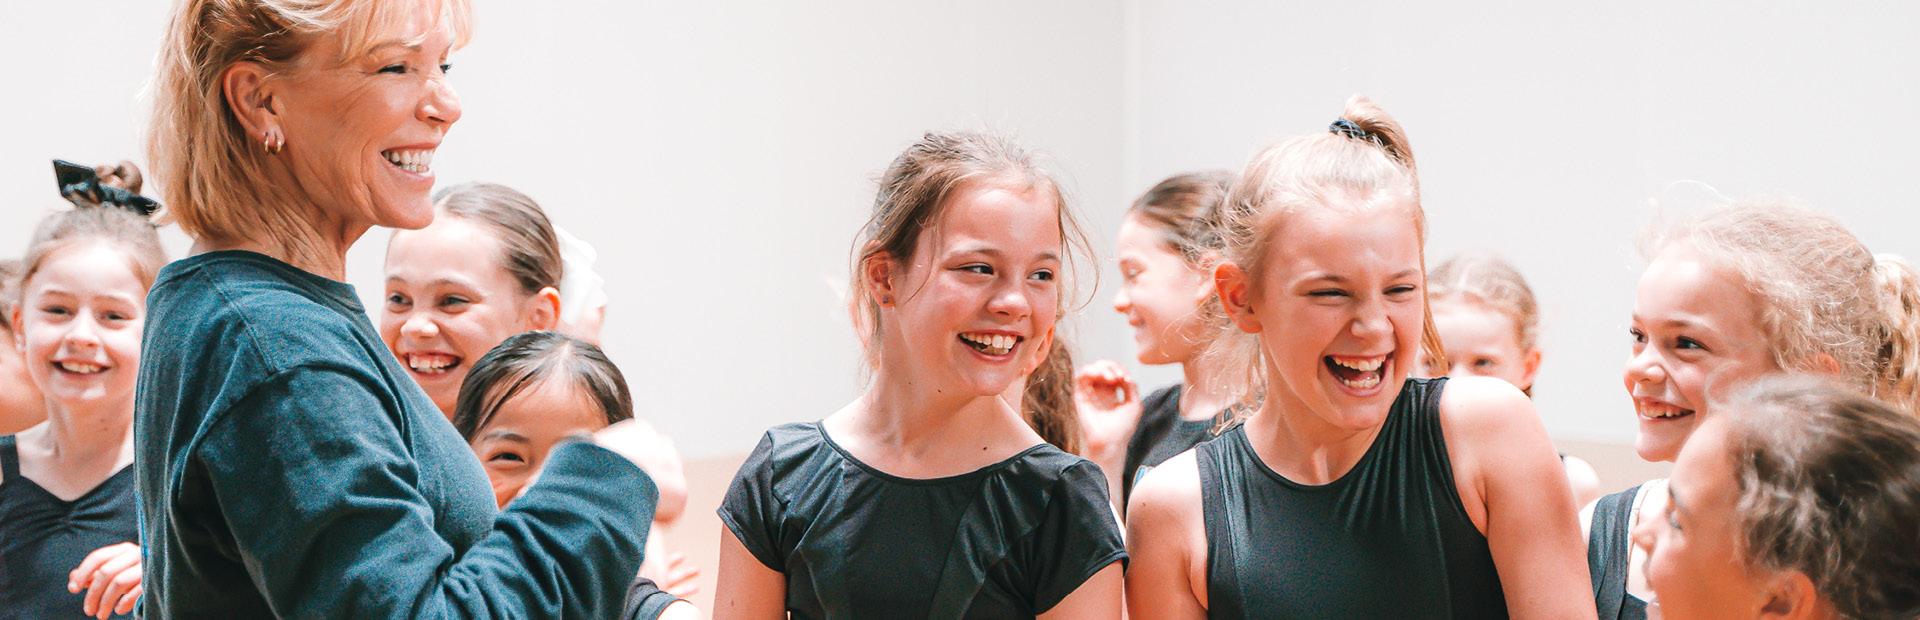 Dance Classes Claremont